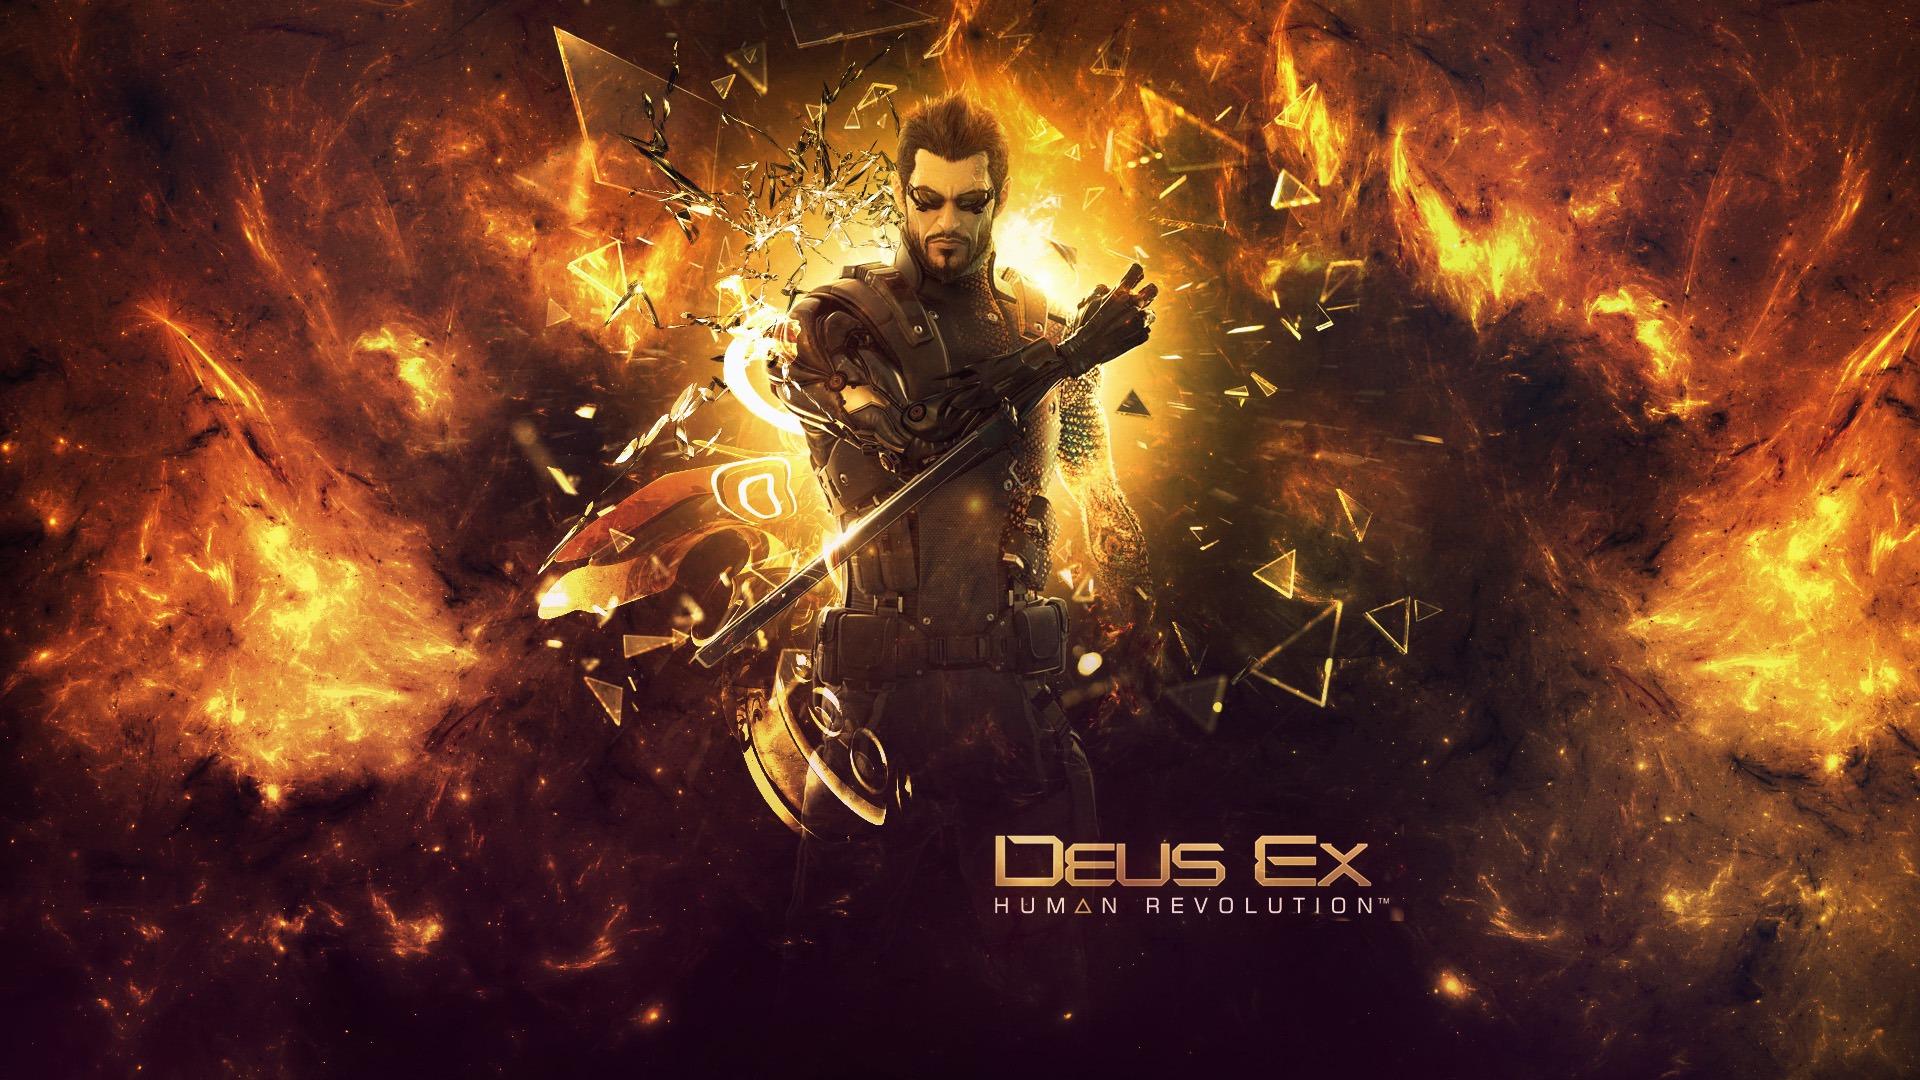 Deus Ex Wallpaper HD 1920x1080